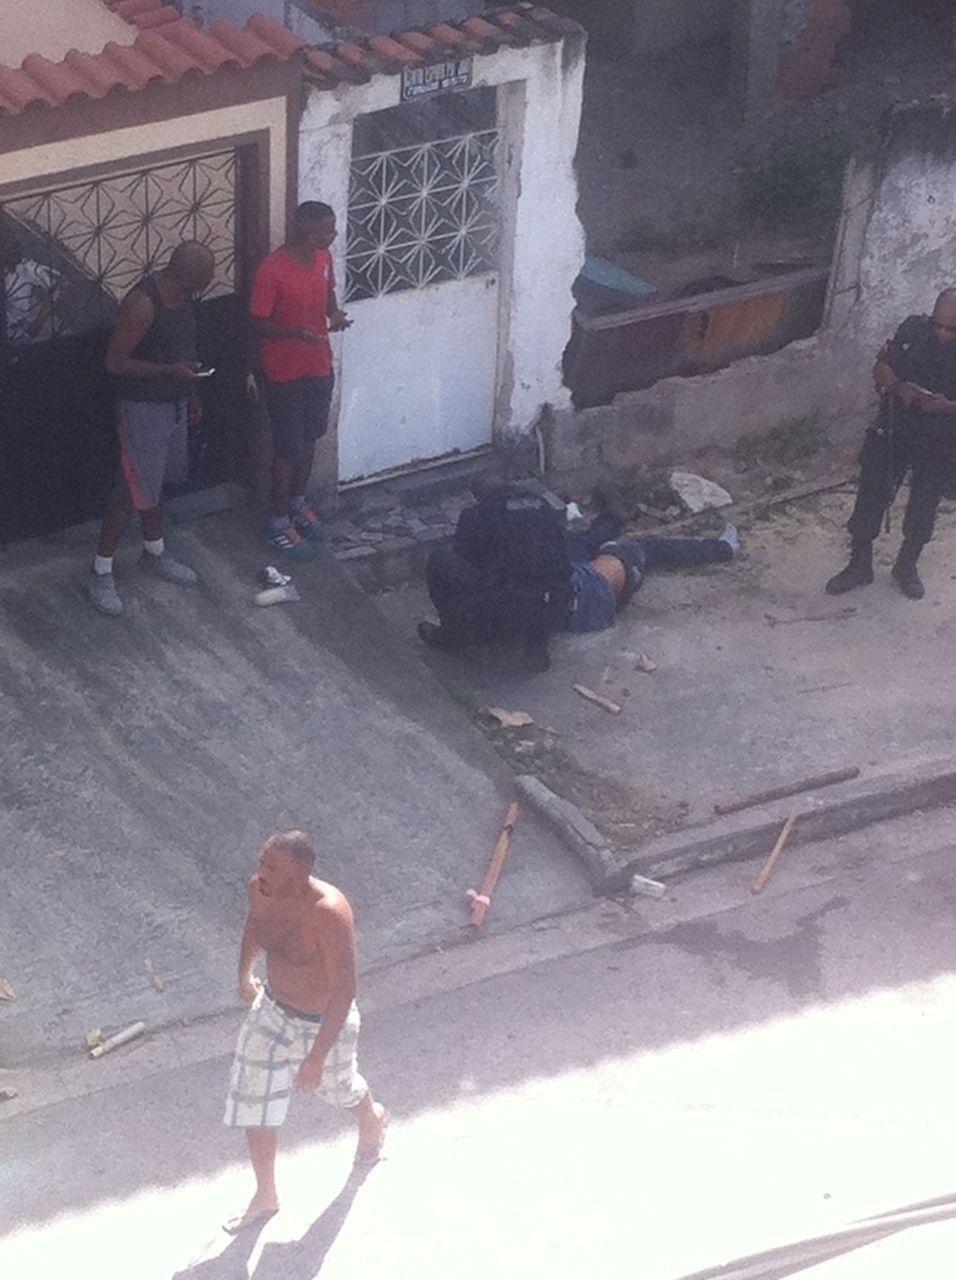 Briga entre torcedores de Flamengo e Botafogo terminou com um morto em Bento Ribeiro